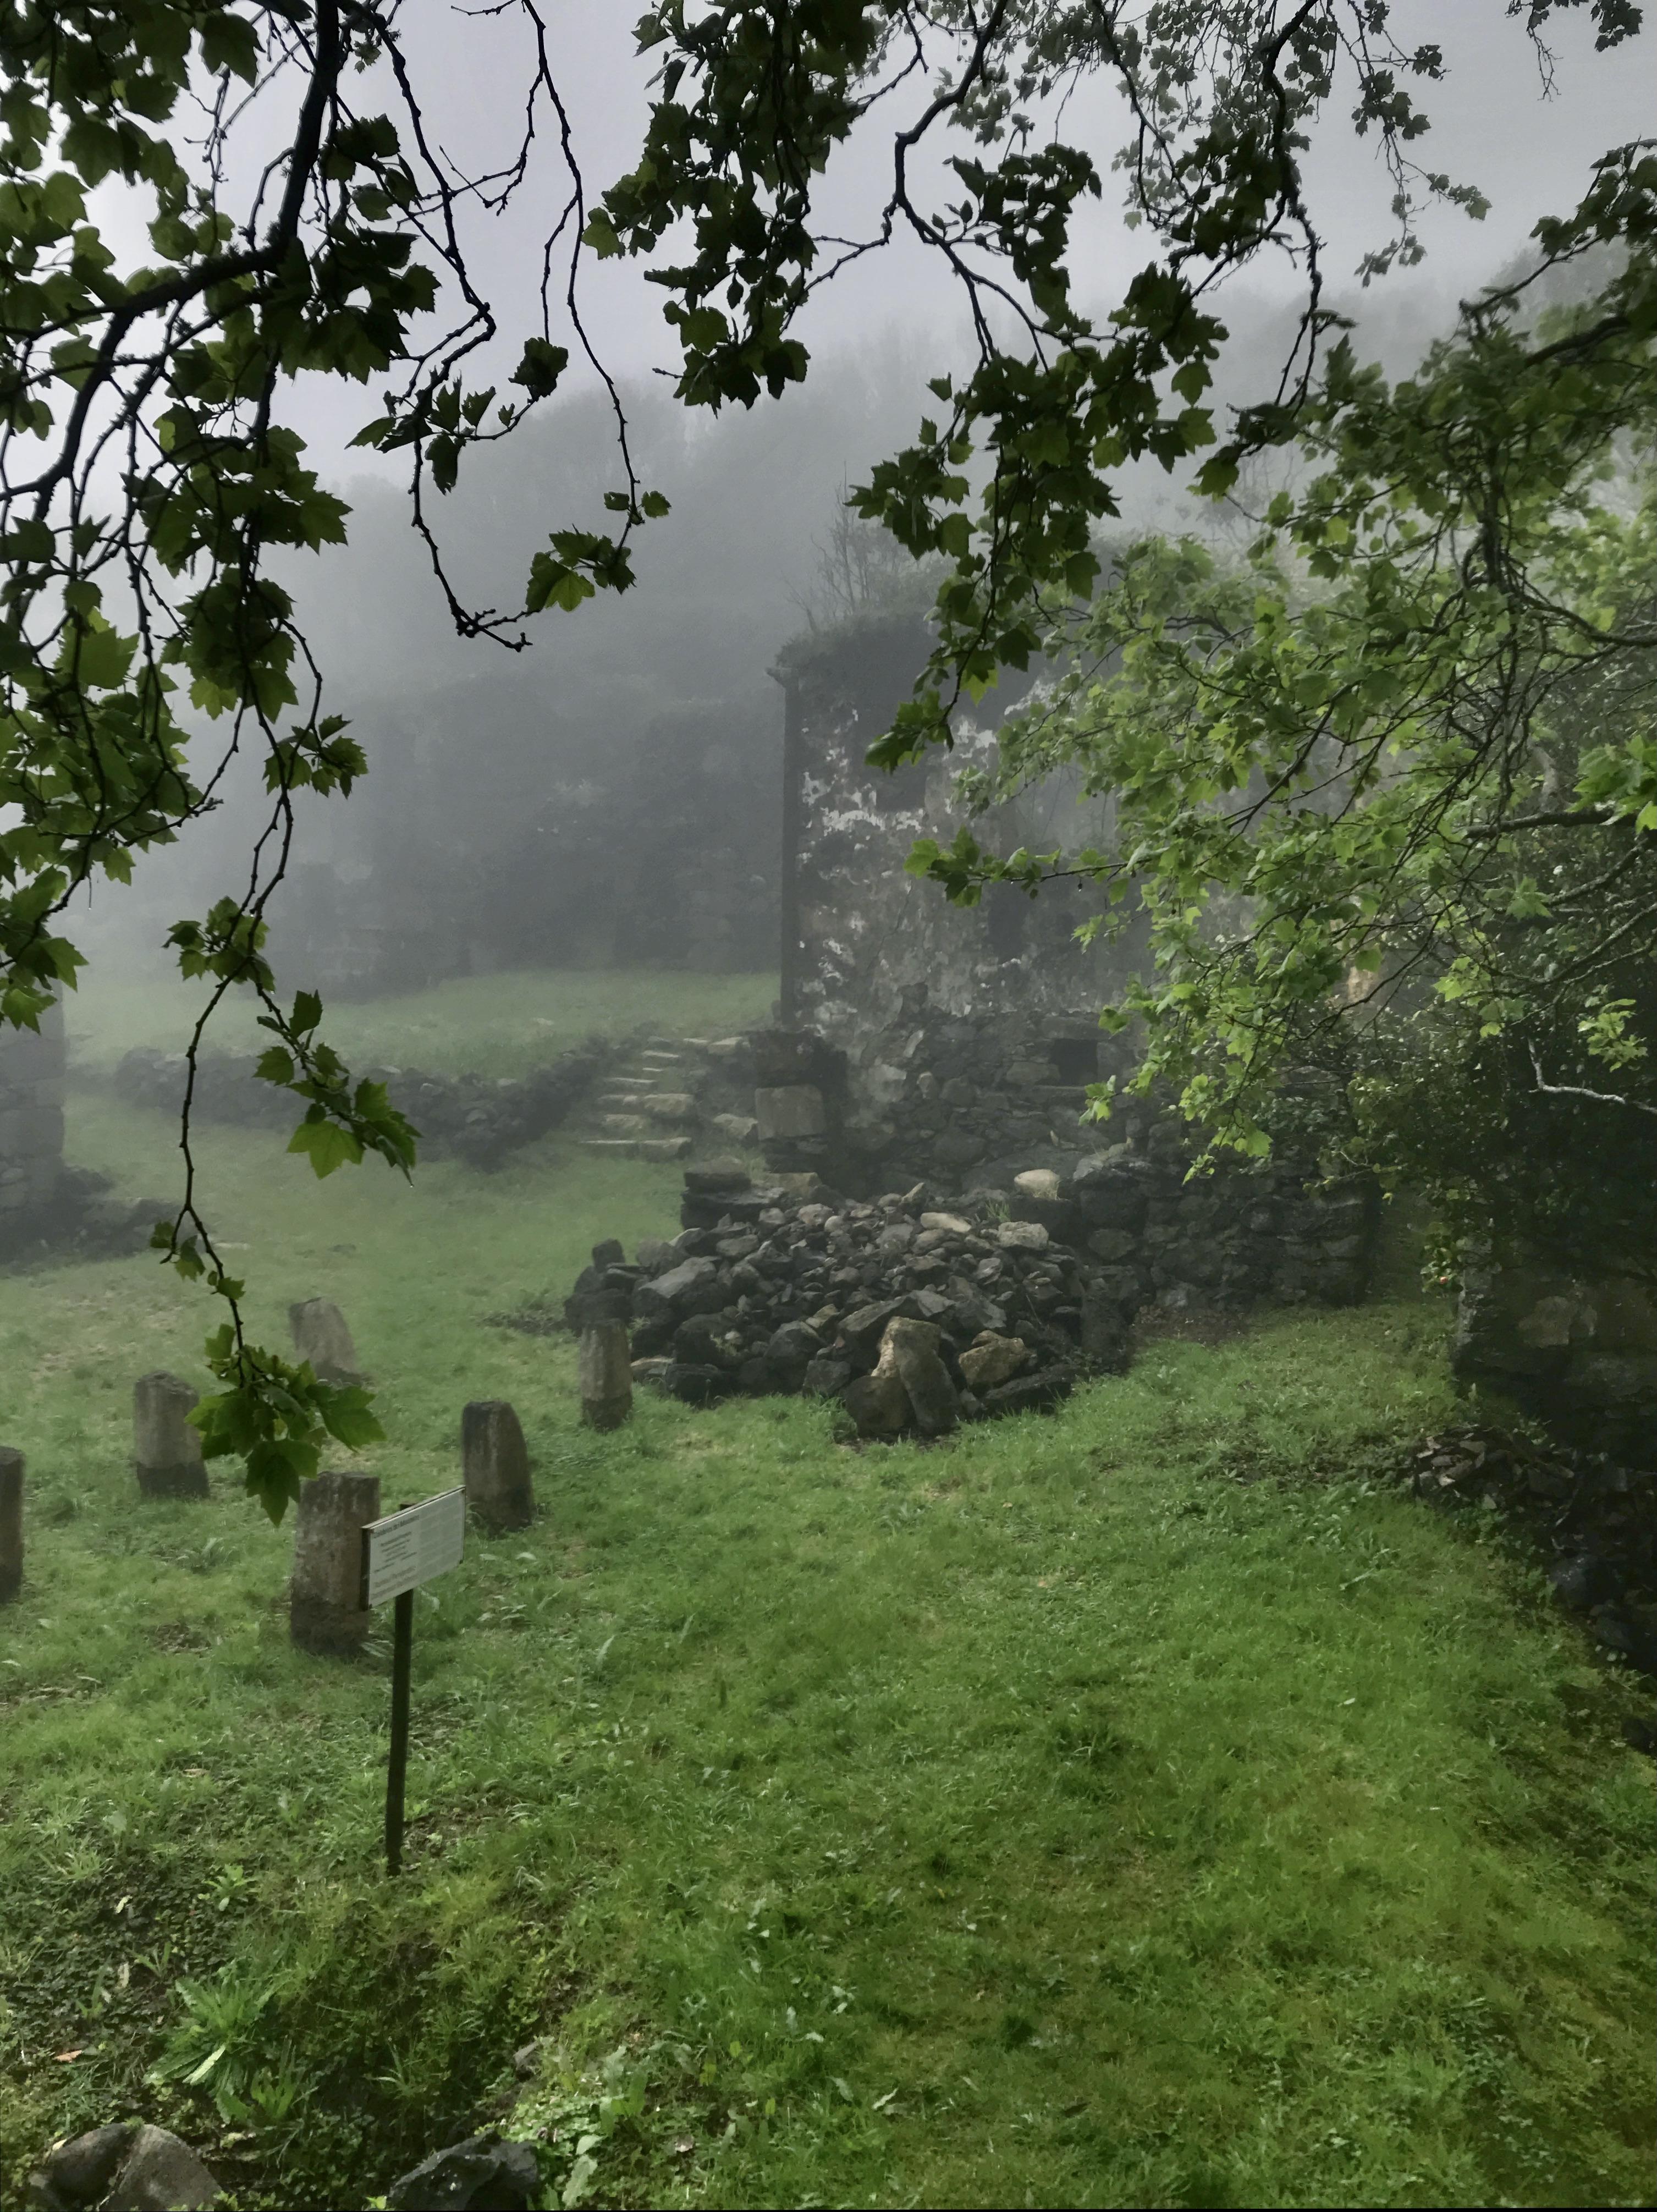 Casa das Figueiras under mist